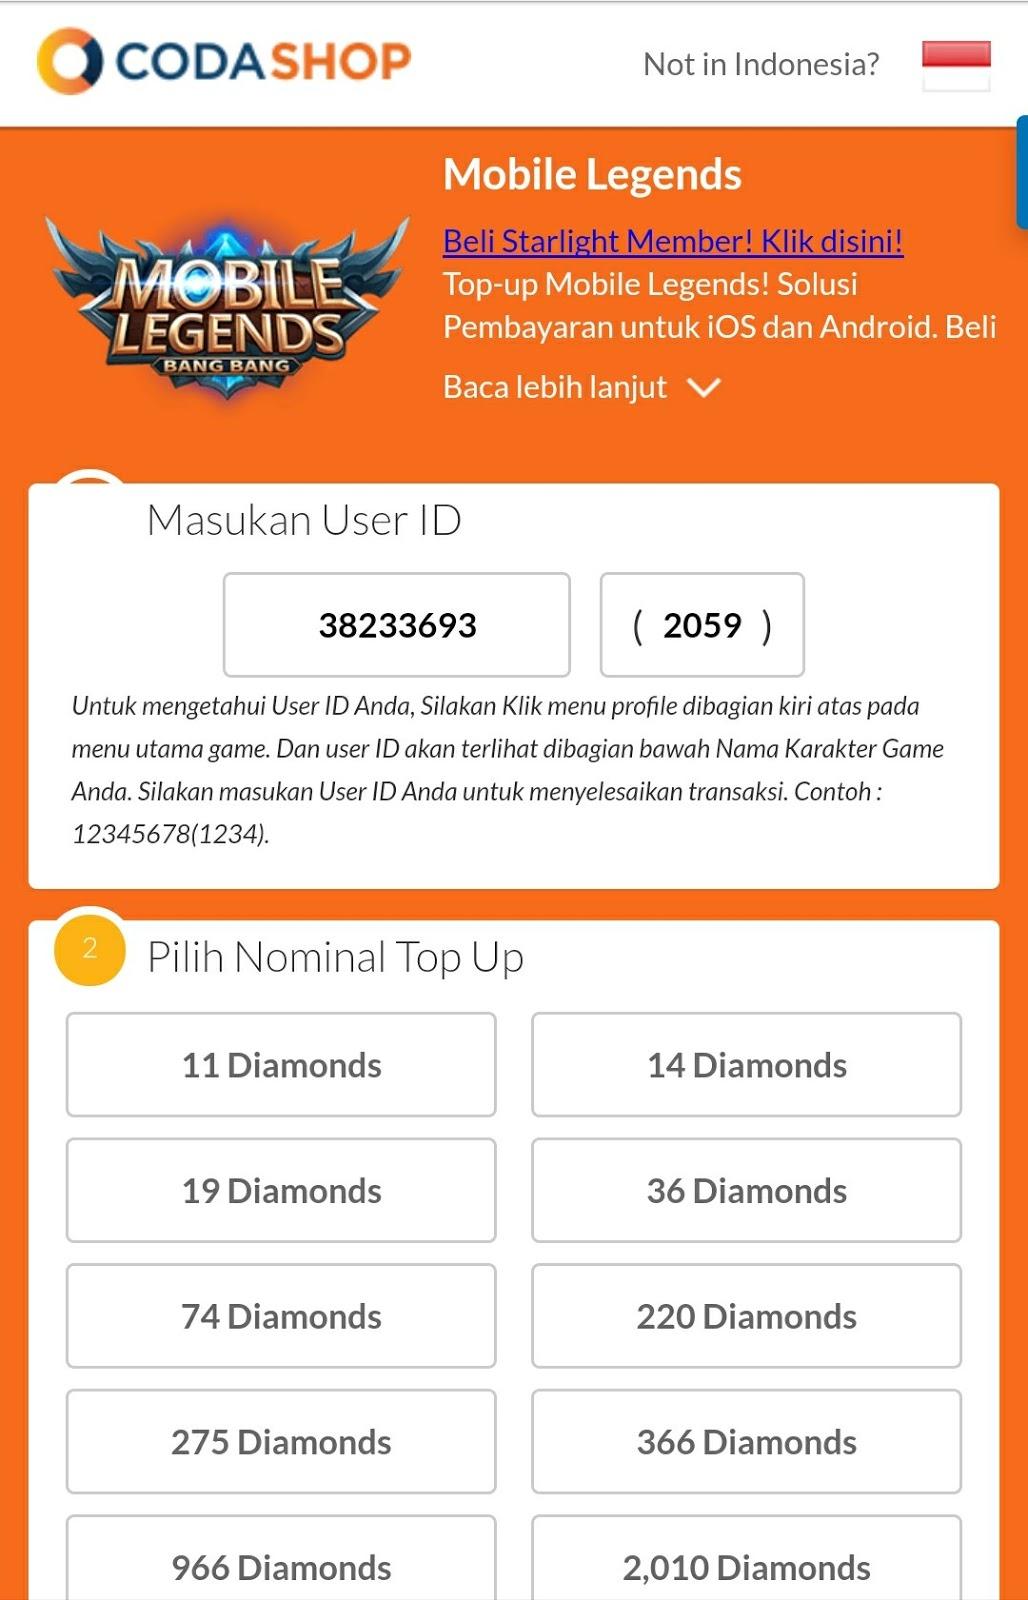 2 Cara Top Up Murah Dan Aman Diamond Mobil Legend 966 Anda Bisa Langsung Mengunjungi Web Site Ny Di Https Codashopcom Id Mobile Legends Beli Dengan Harga Mulai Dari 3rb Jutaan